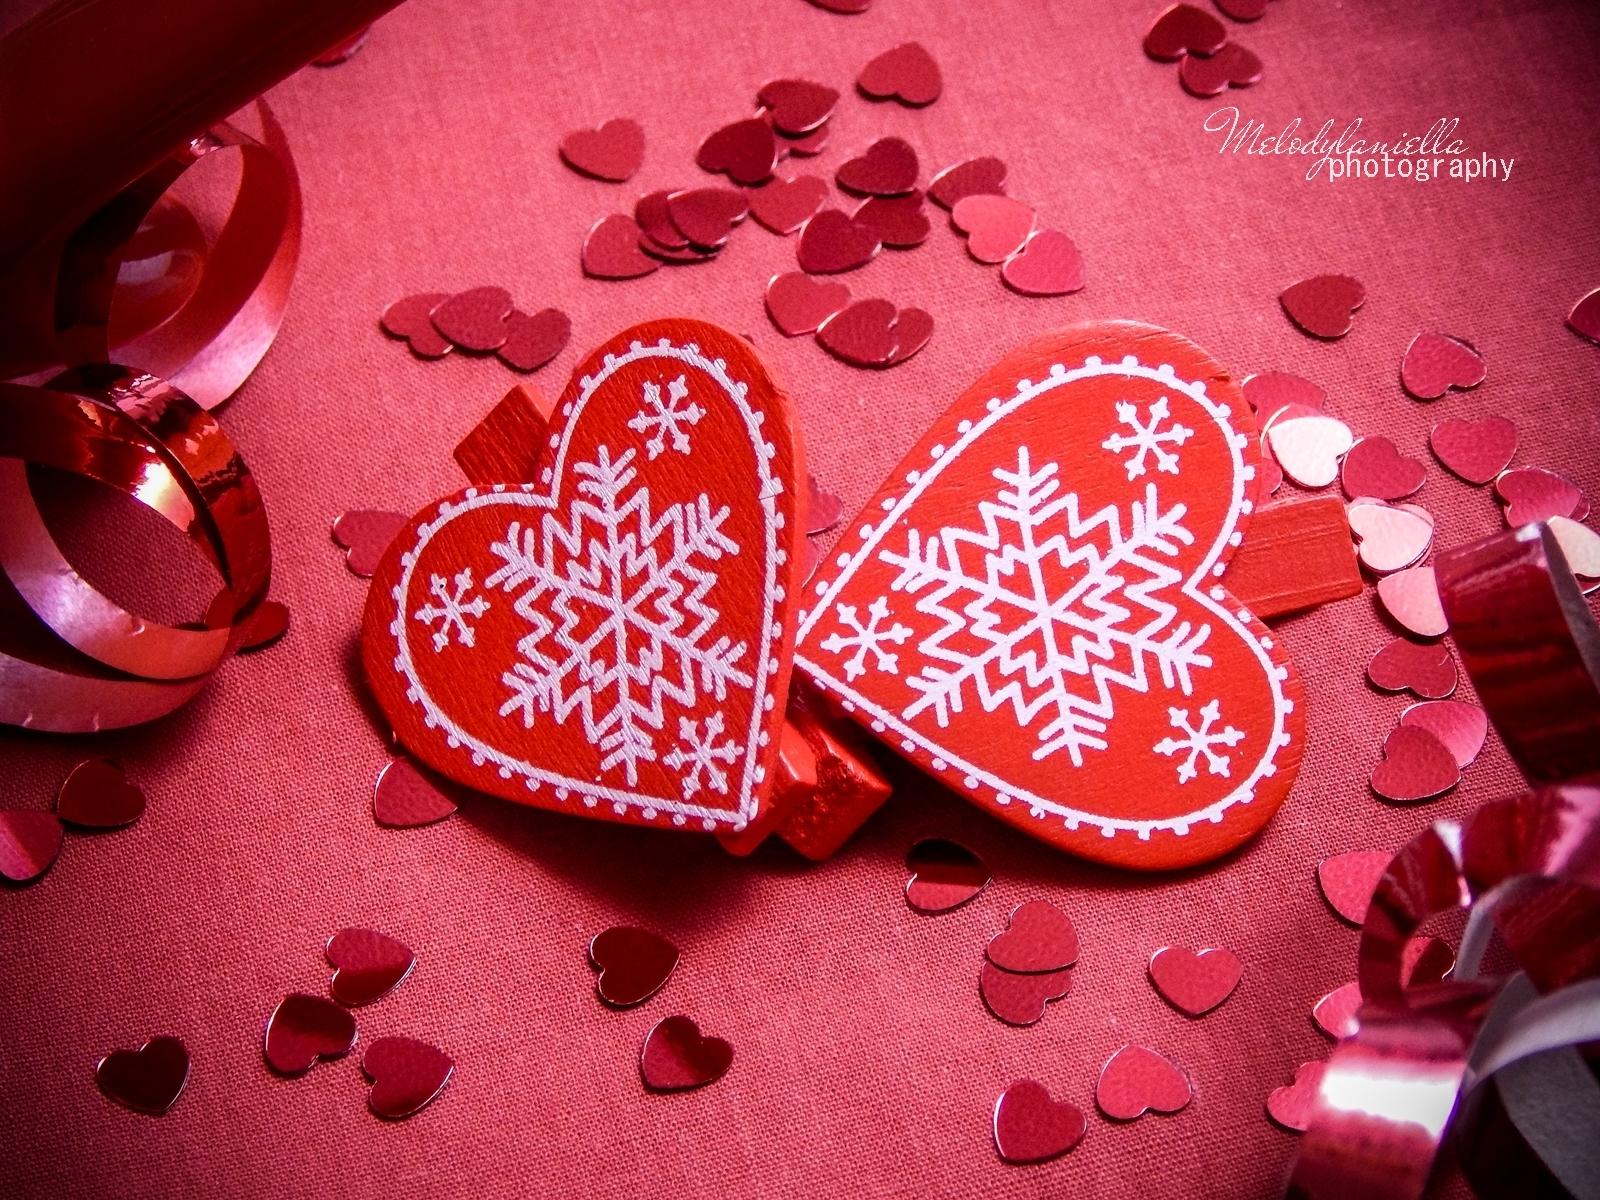 17 jak udekorować stół na walentynki walentynkowa kolacja pomysły na walentynkowe prezenty walentynkowe dekoracje home interior valentines blog melodylaniella partybox red